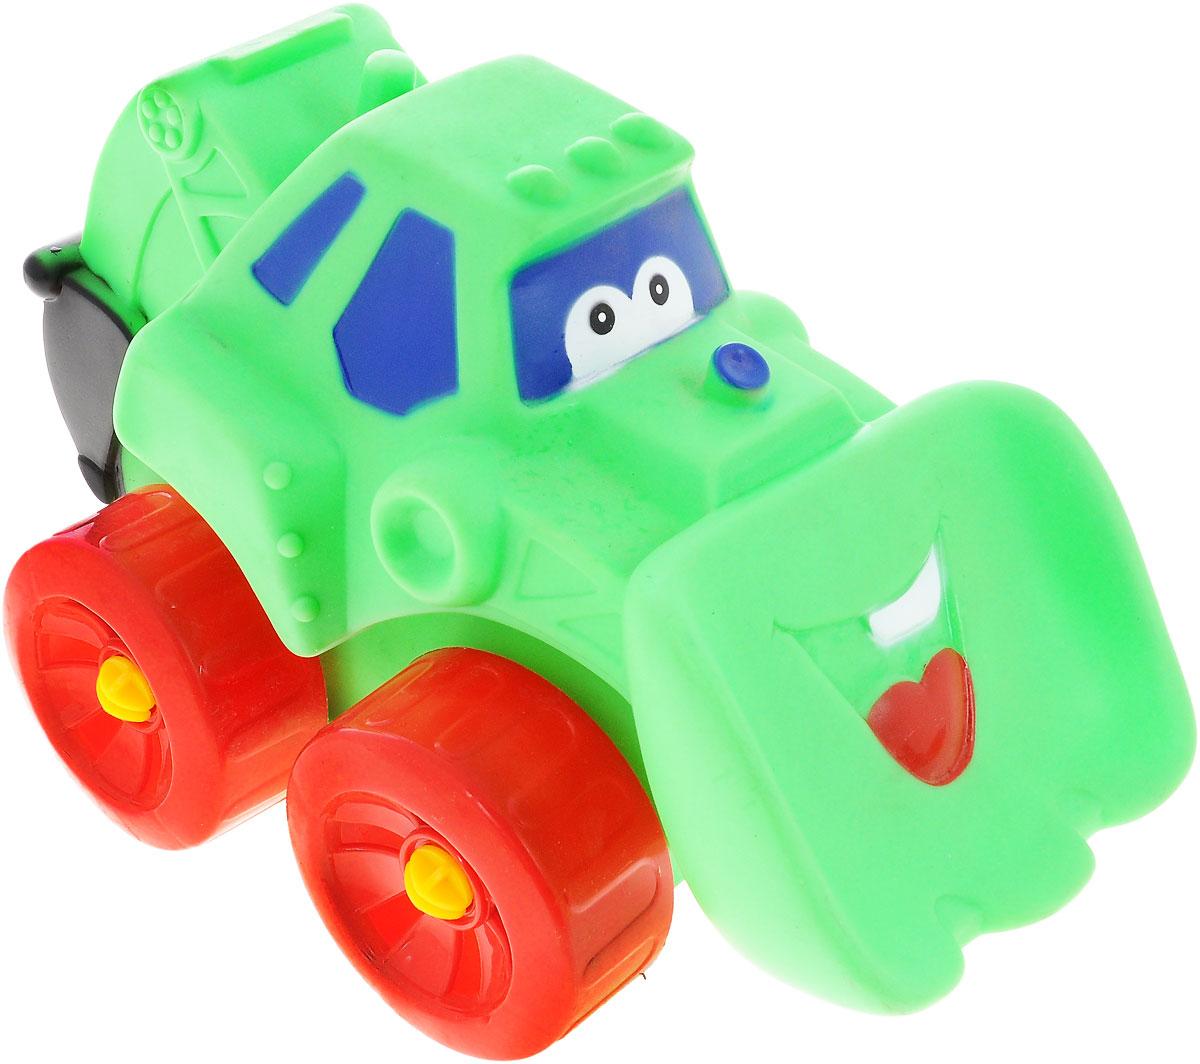 Erpa Бульдозер Tombis цвет зеленый красный660931_зеленый, красныйЯркая машинка-бульдозер Erpa Tombis понравится вашему малышу. Машинка выполнена из высококачественного мягкого пластика. Большие колеса со свободным ходом обеспечивают хорошую проходимость. Такая игрушка способствует развитию у малыша тактильных ощущений, мелкой моторики рук и координации движений.